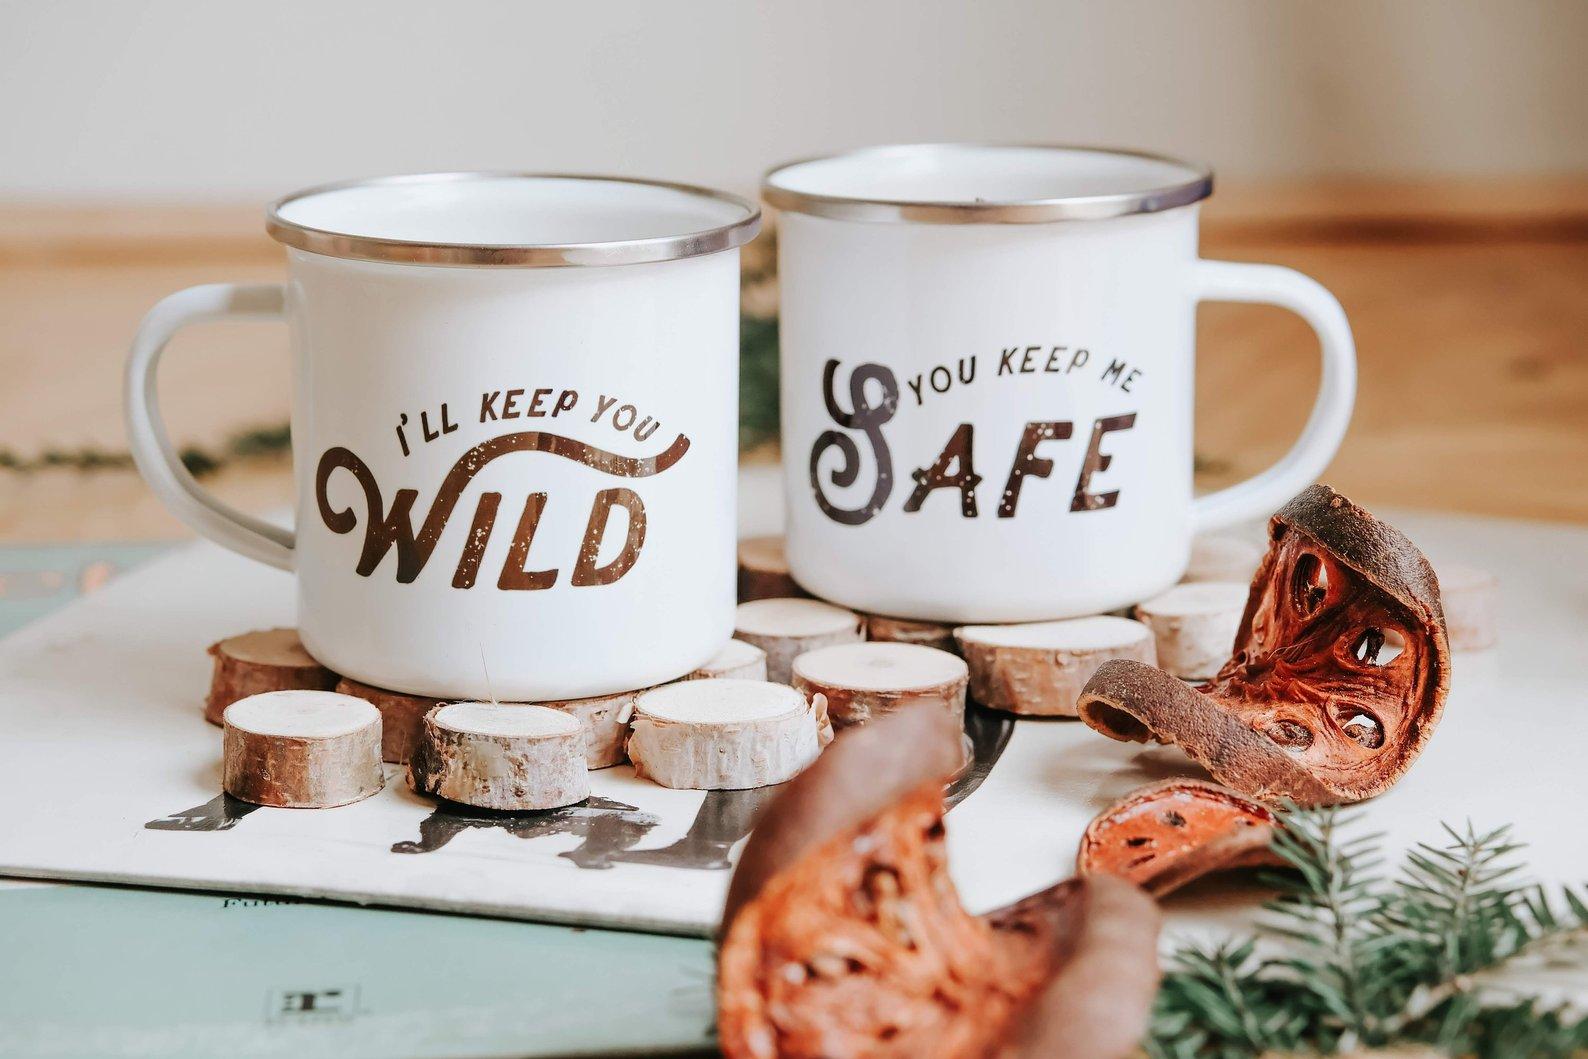 You Keep Me Safe I'll Keep You Wild Camp Mug Set By Brave Girl Club